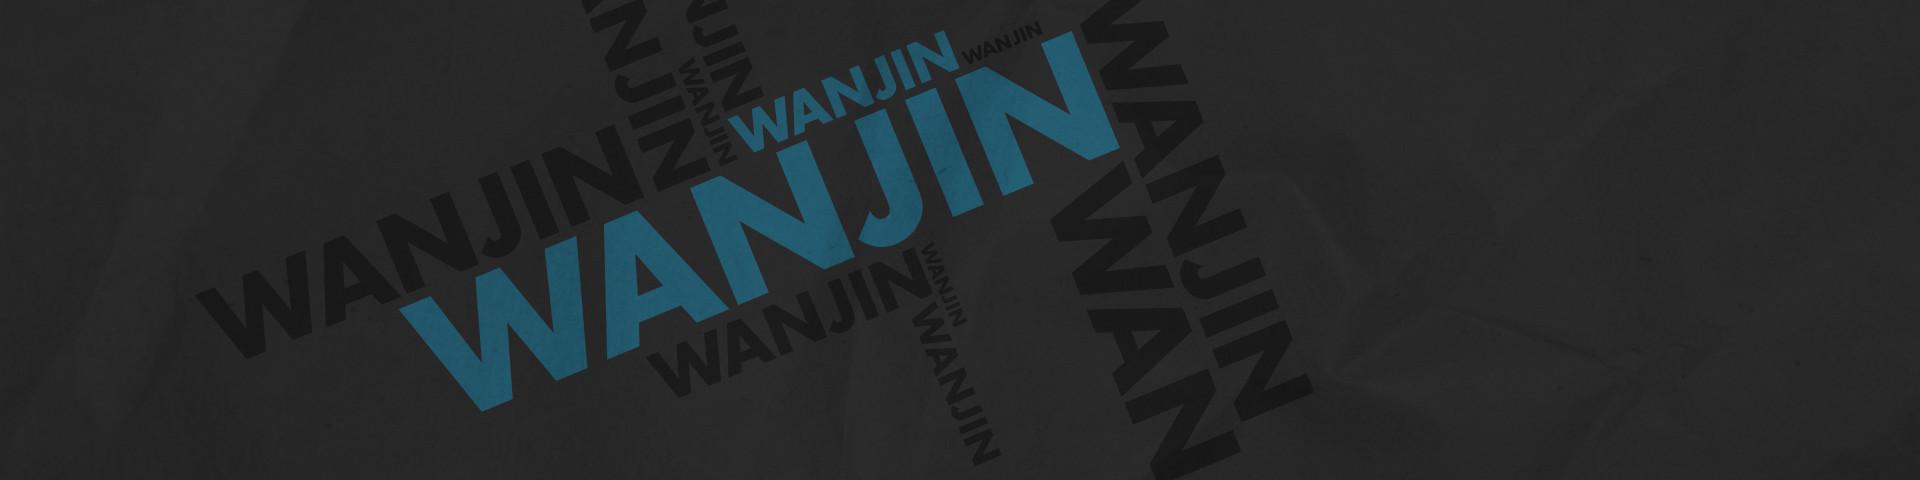 Wanjin